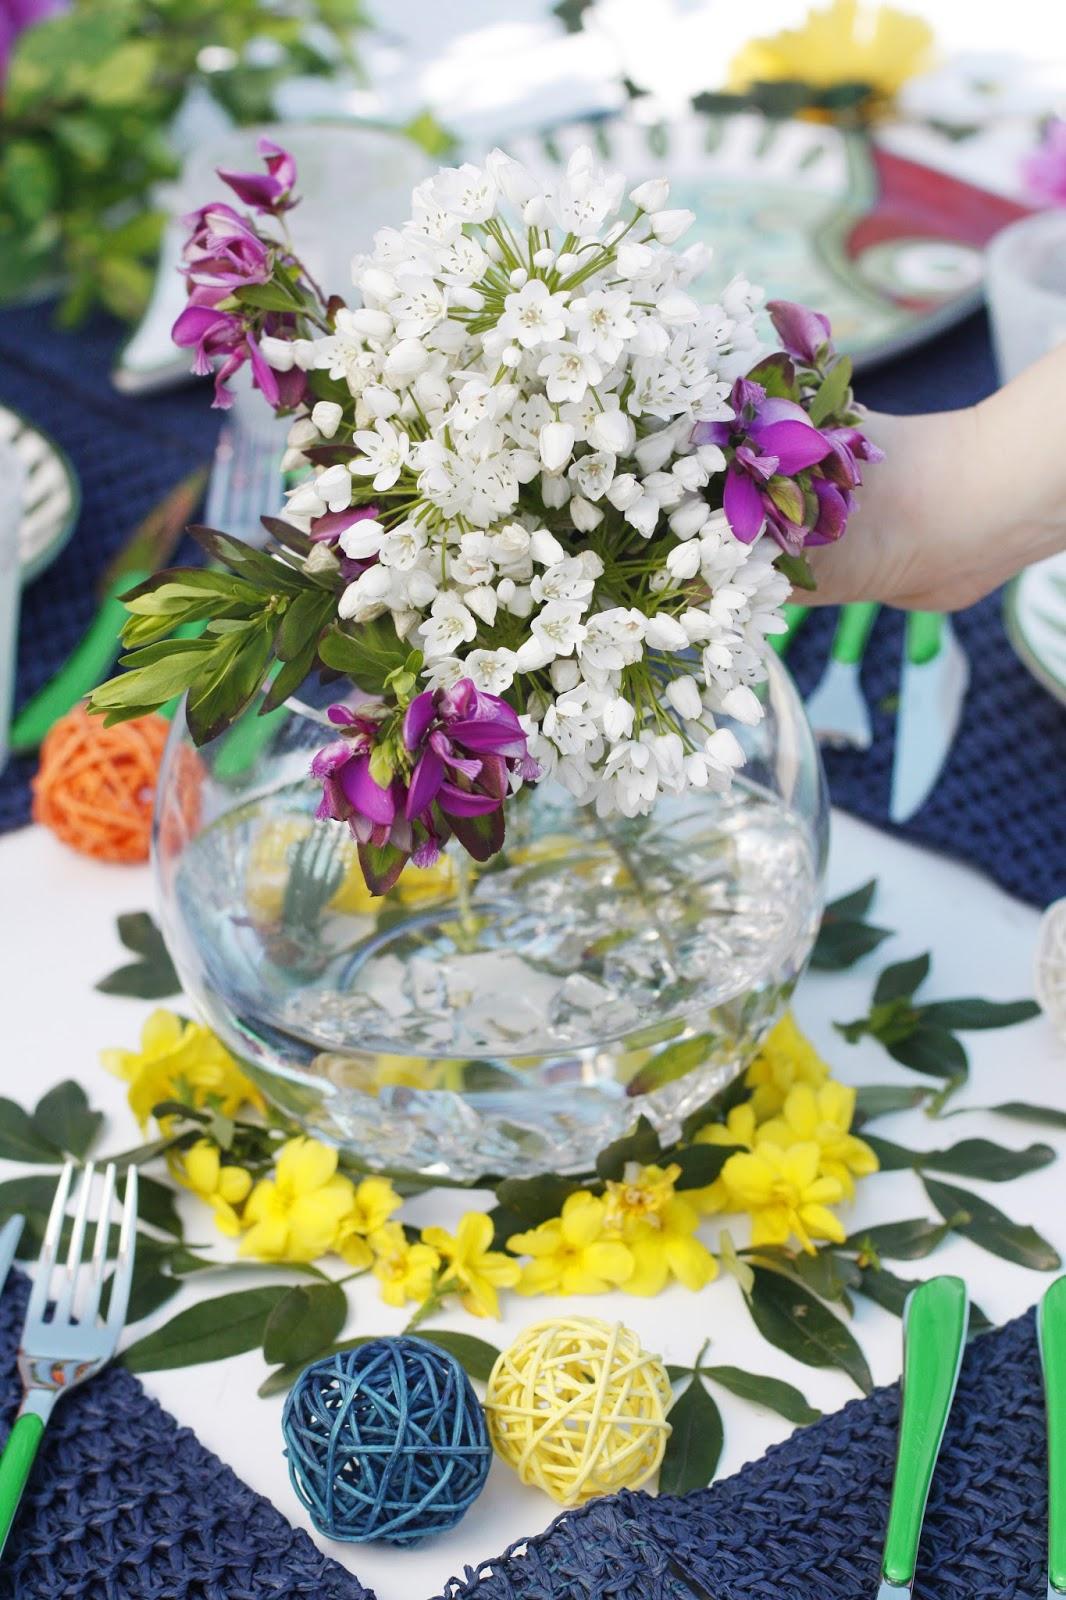 Villa d 39 este home tivoli pesce d 39 aprile questa tavola non uno scherzo - Pesci piu comuni in tavola ...